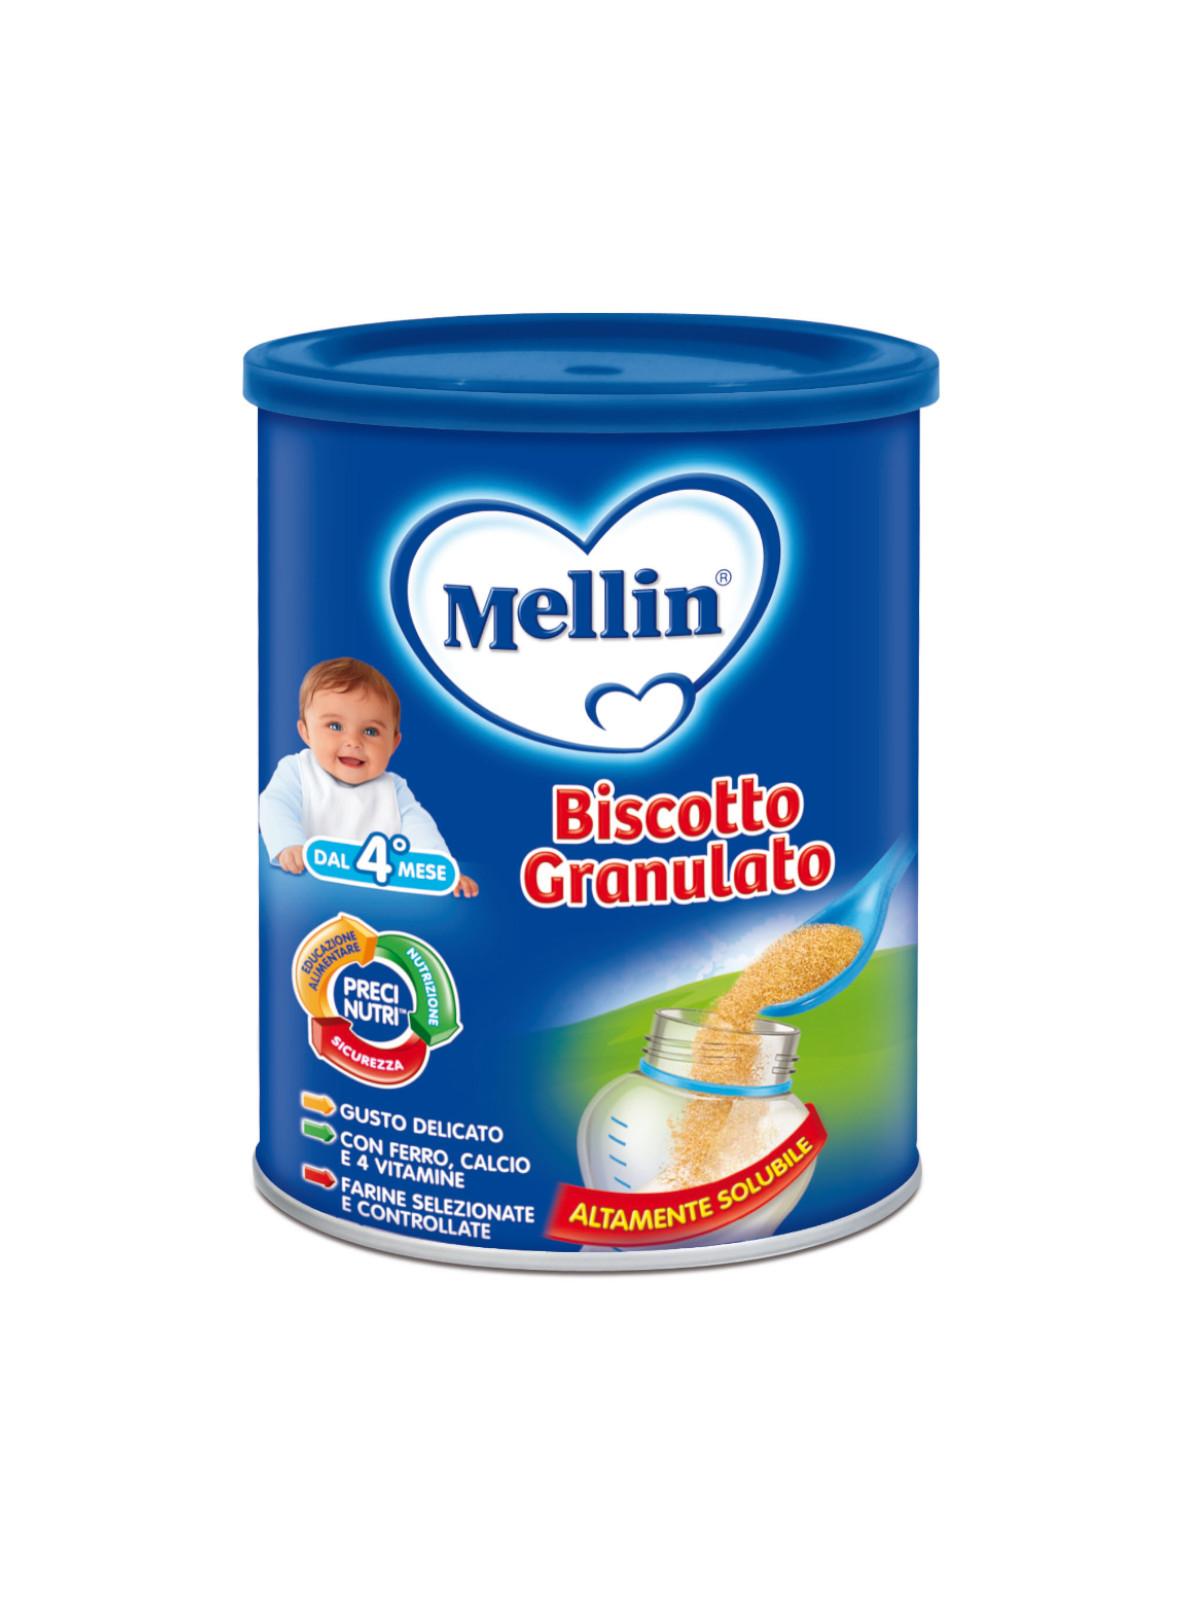 Mellin biscotto granulato o/s 400 gr - Mellin